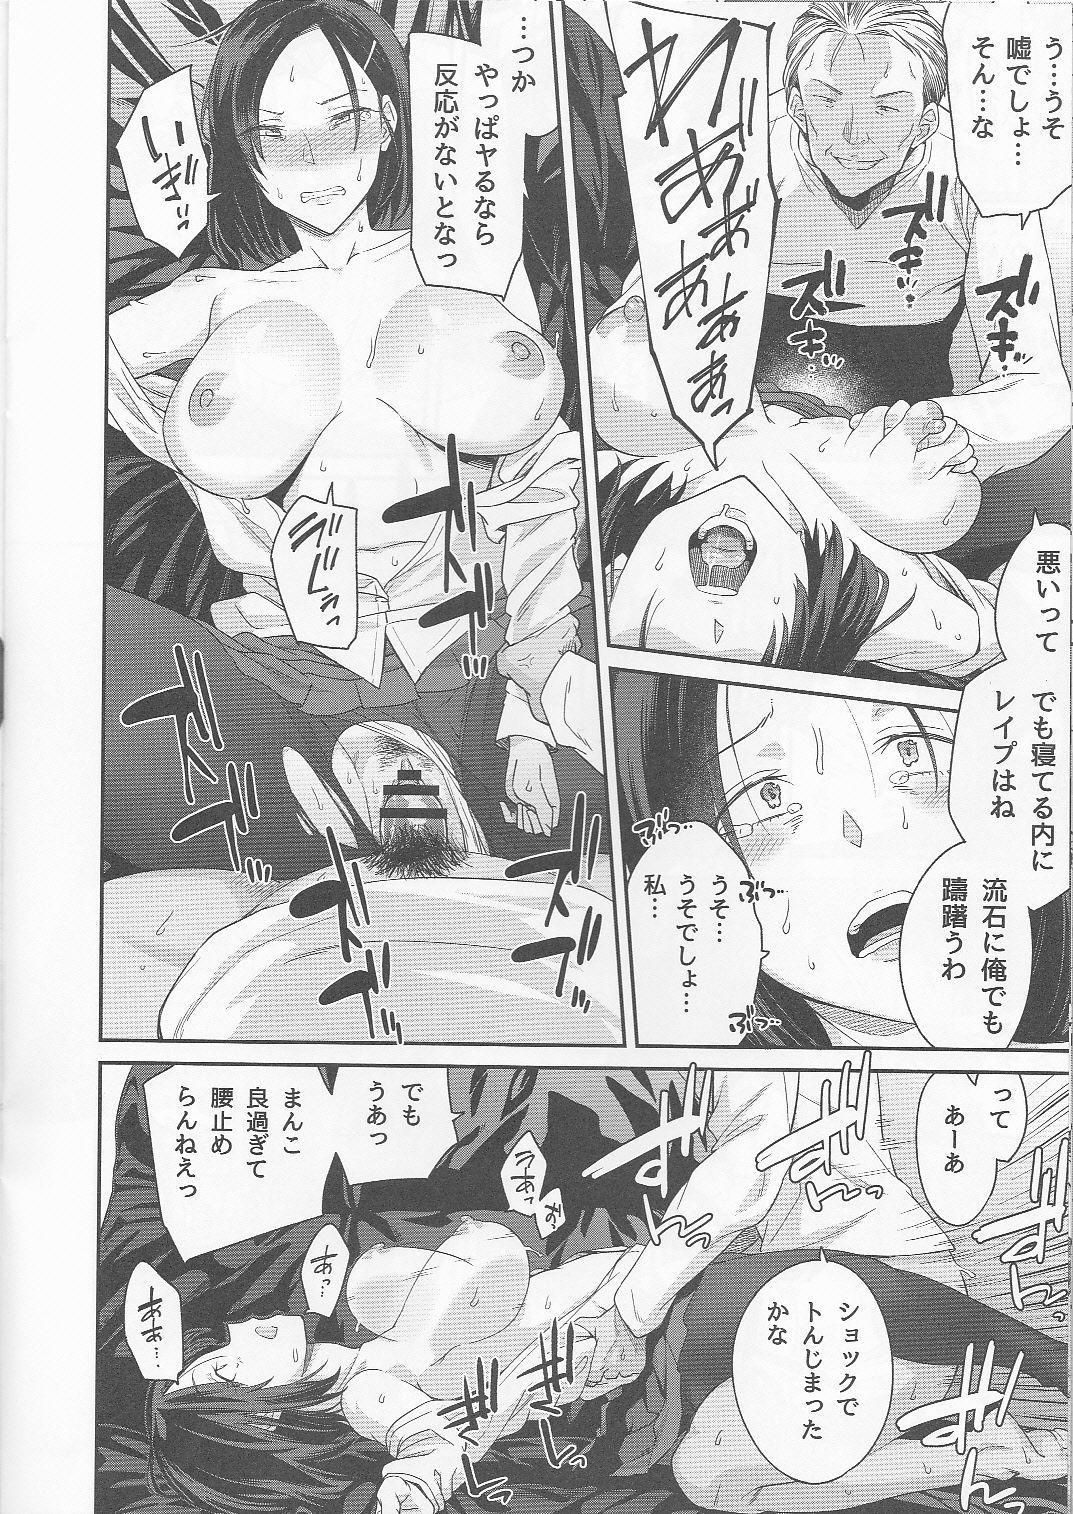 [Orikuchi Hirata] Toranoana Haru no Adult Kanshasai ~NTR Hen~ Kanojo no Shuumatsu Netorare Jijou 14